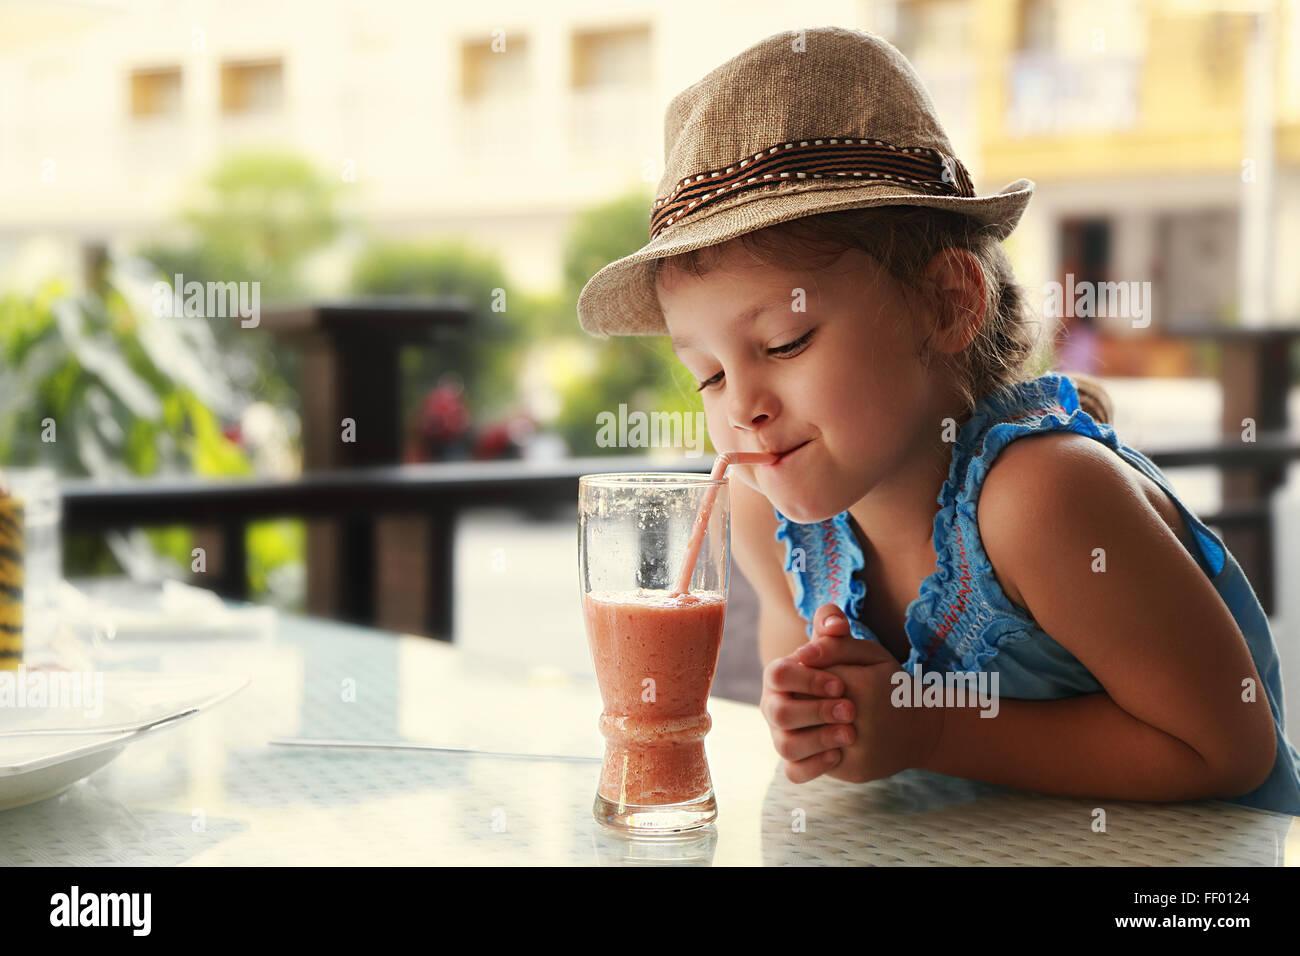 Pensée Cute kid girl drinking jus savoureux dans le restaurant de la rue Photo Stock